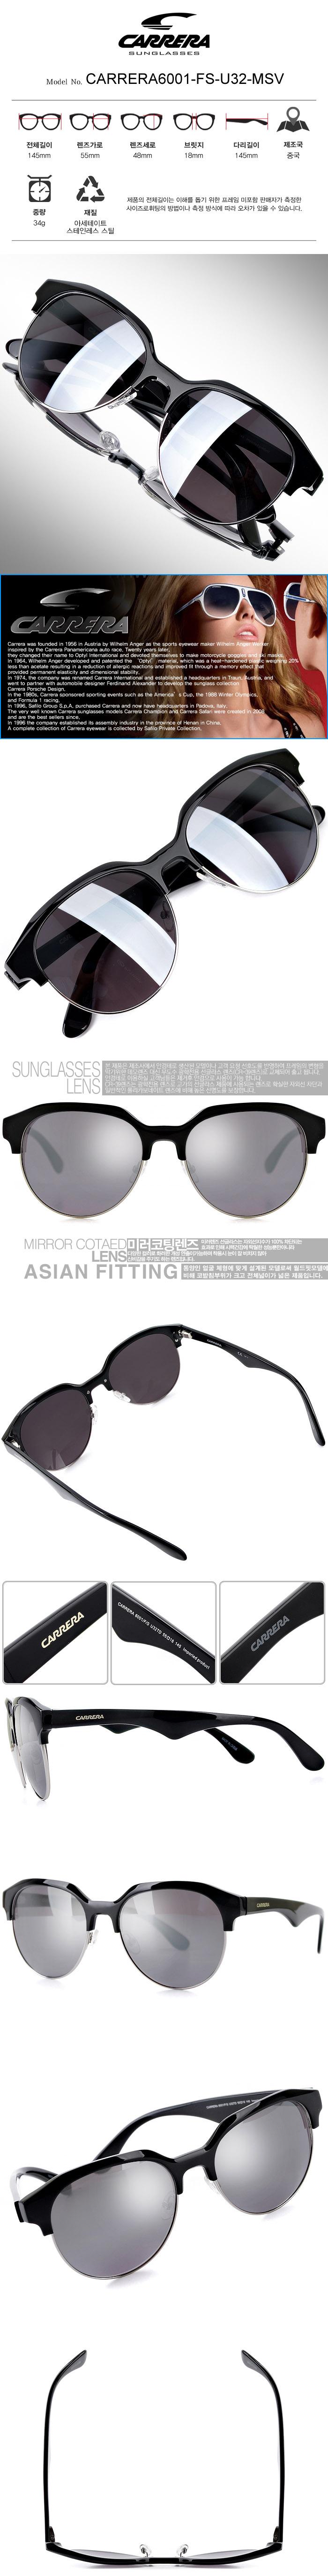 까레라 CARRERA6001 아시안핏 명품 미러 선글라스 CARRERA6001-FS-U32-MSV / CARRERA / 트리시클로